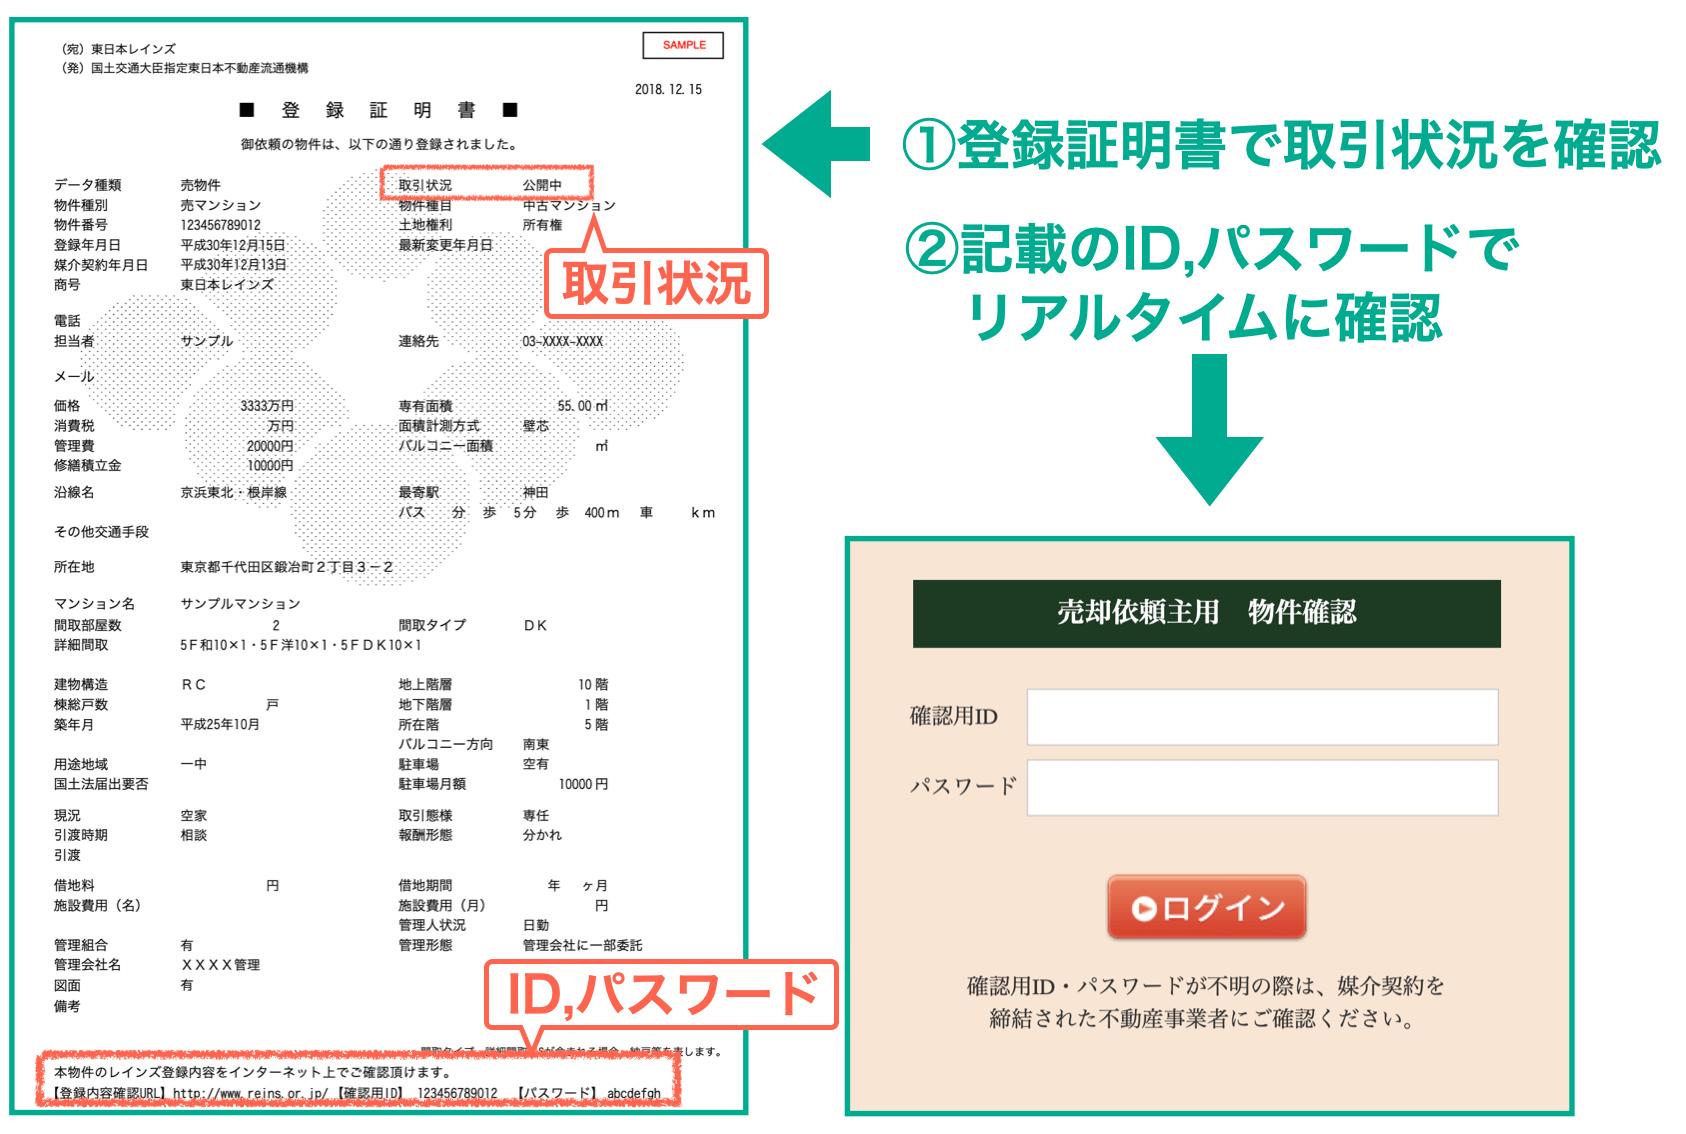 登録証明書とレインズログイン画面